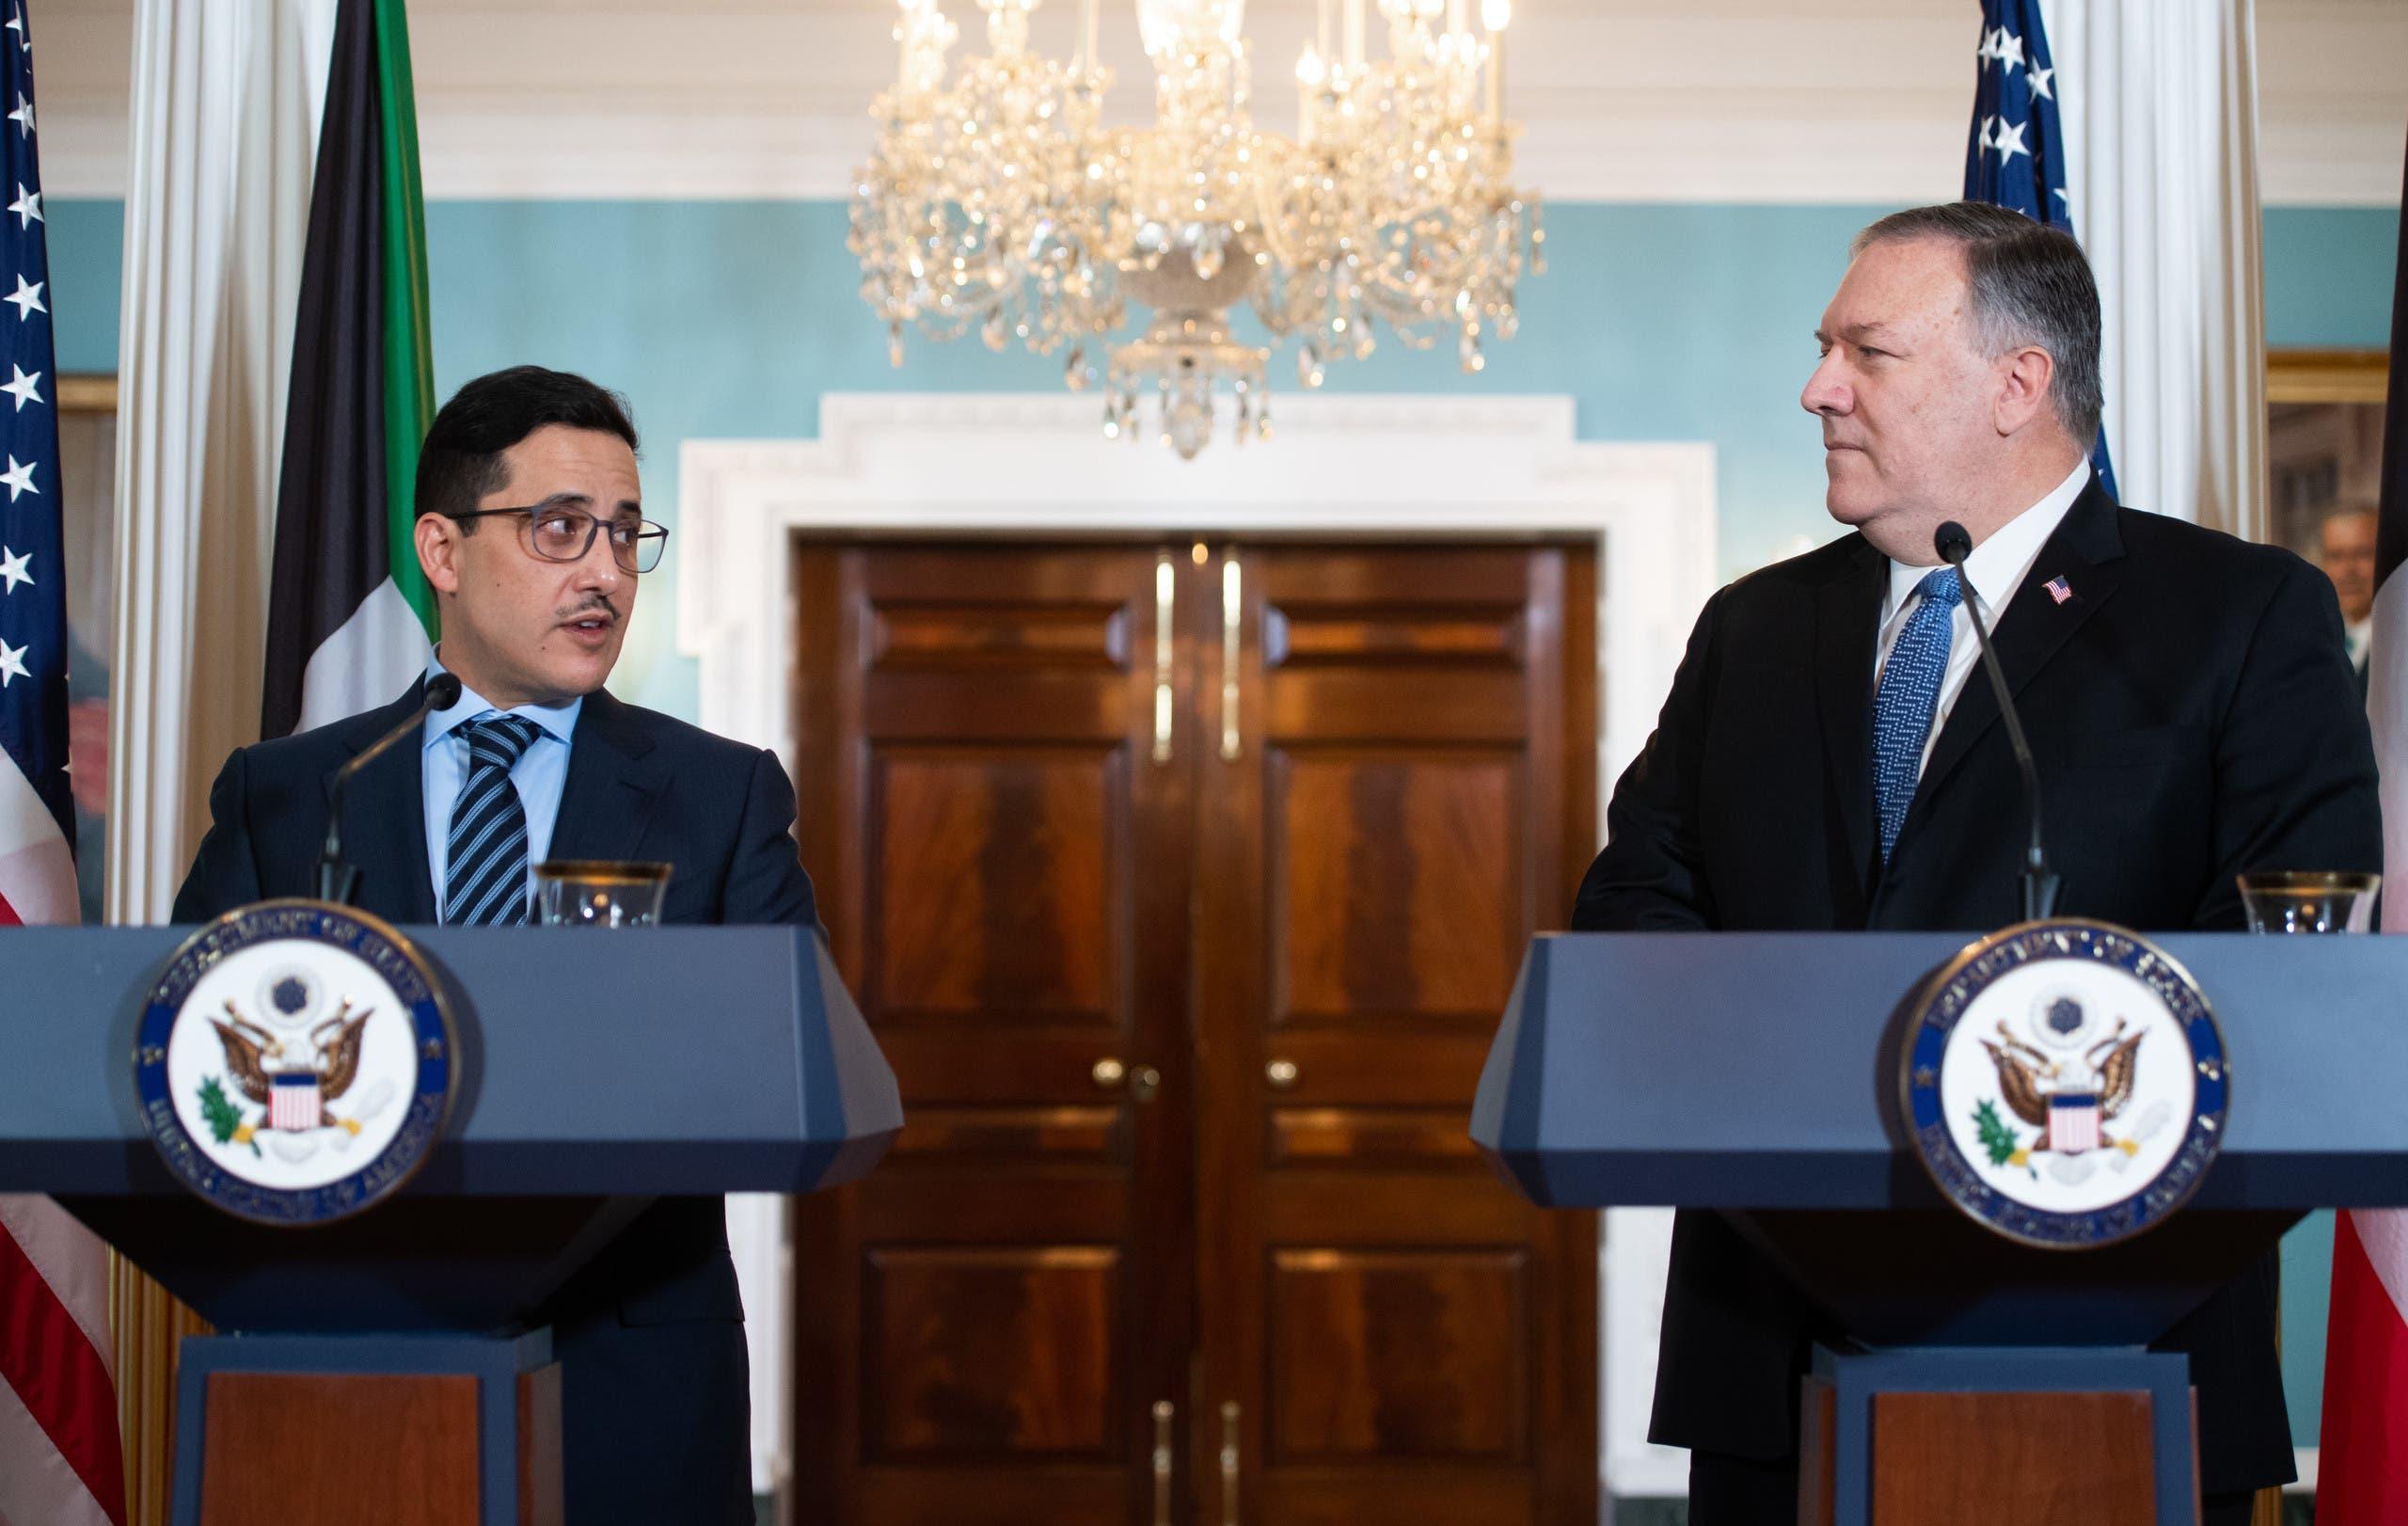 من زيارة وزير الخارجية الكويتي الأخيرة إلى واشنطن في 24 نوفمير حيث التقى نظيره الأميركي مايك بومبيو